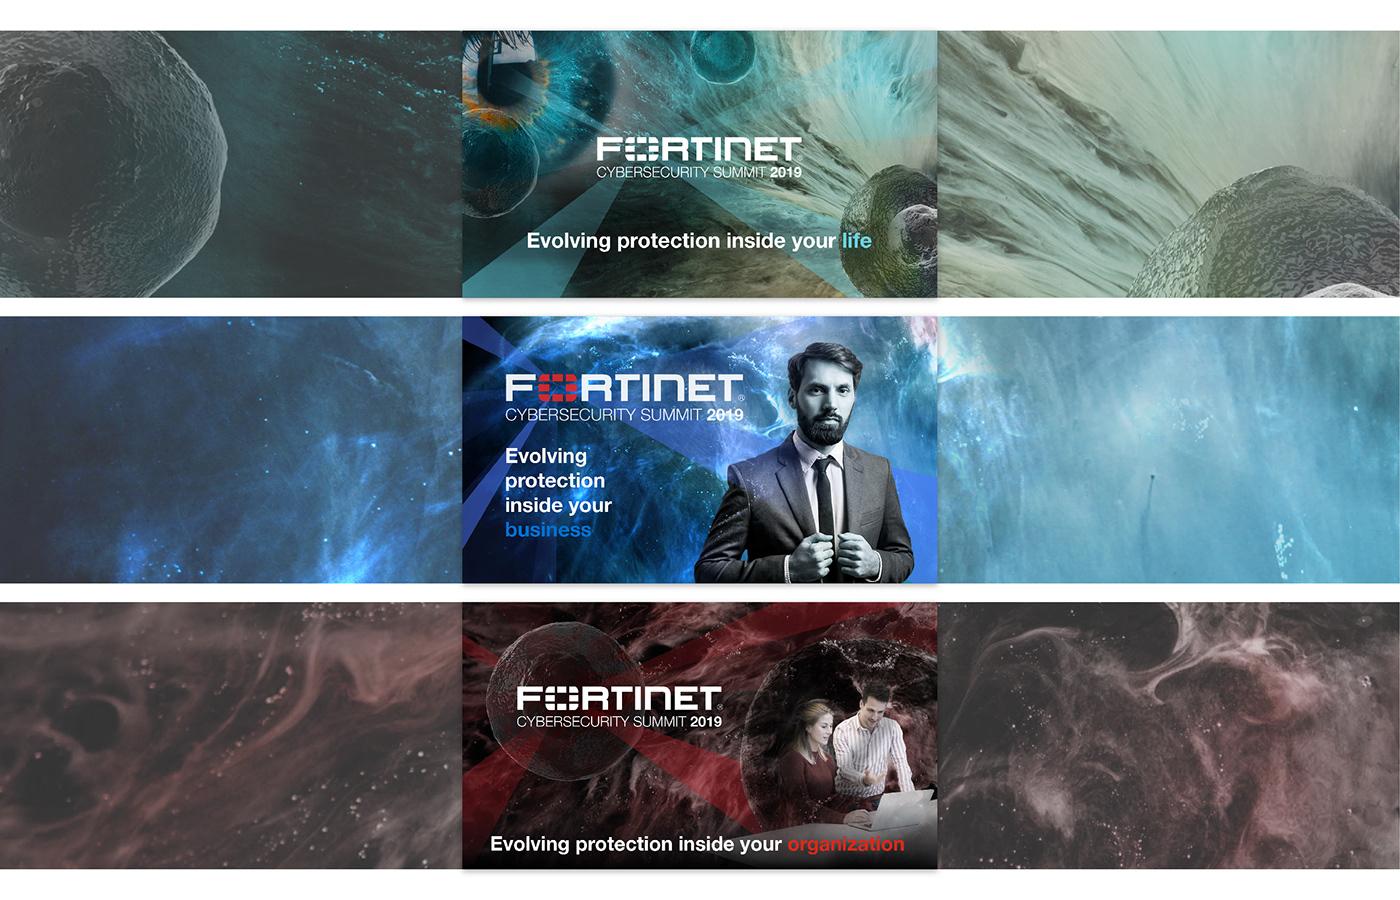 Fortinet Cybersecurity Summit 2019 - Dirección Creativa